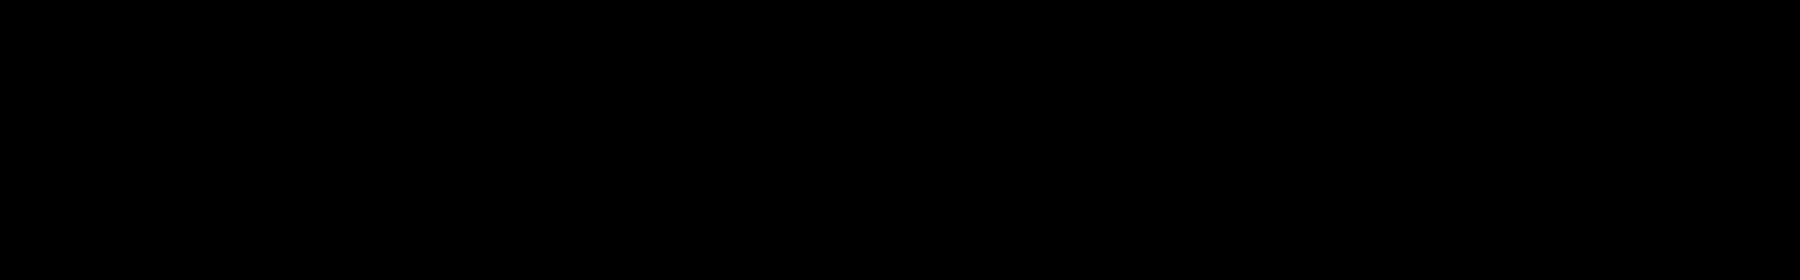 Red Rum - Serum Bank audio waveform